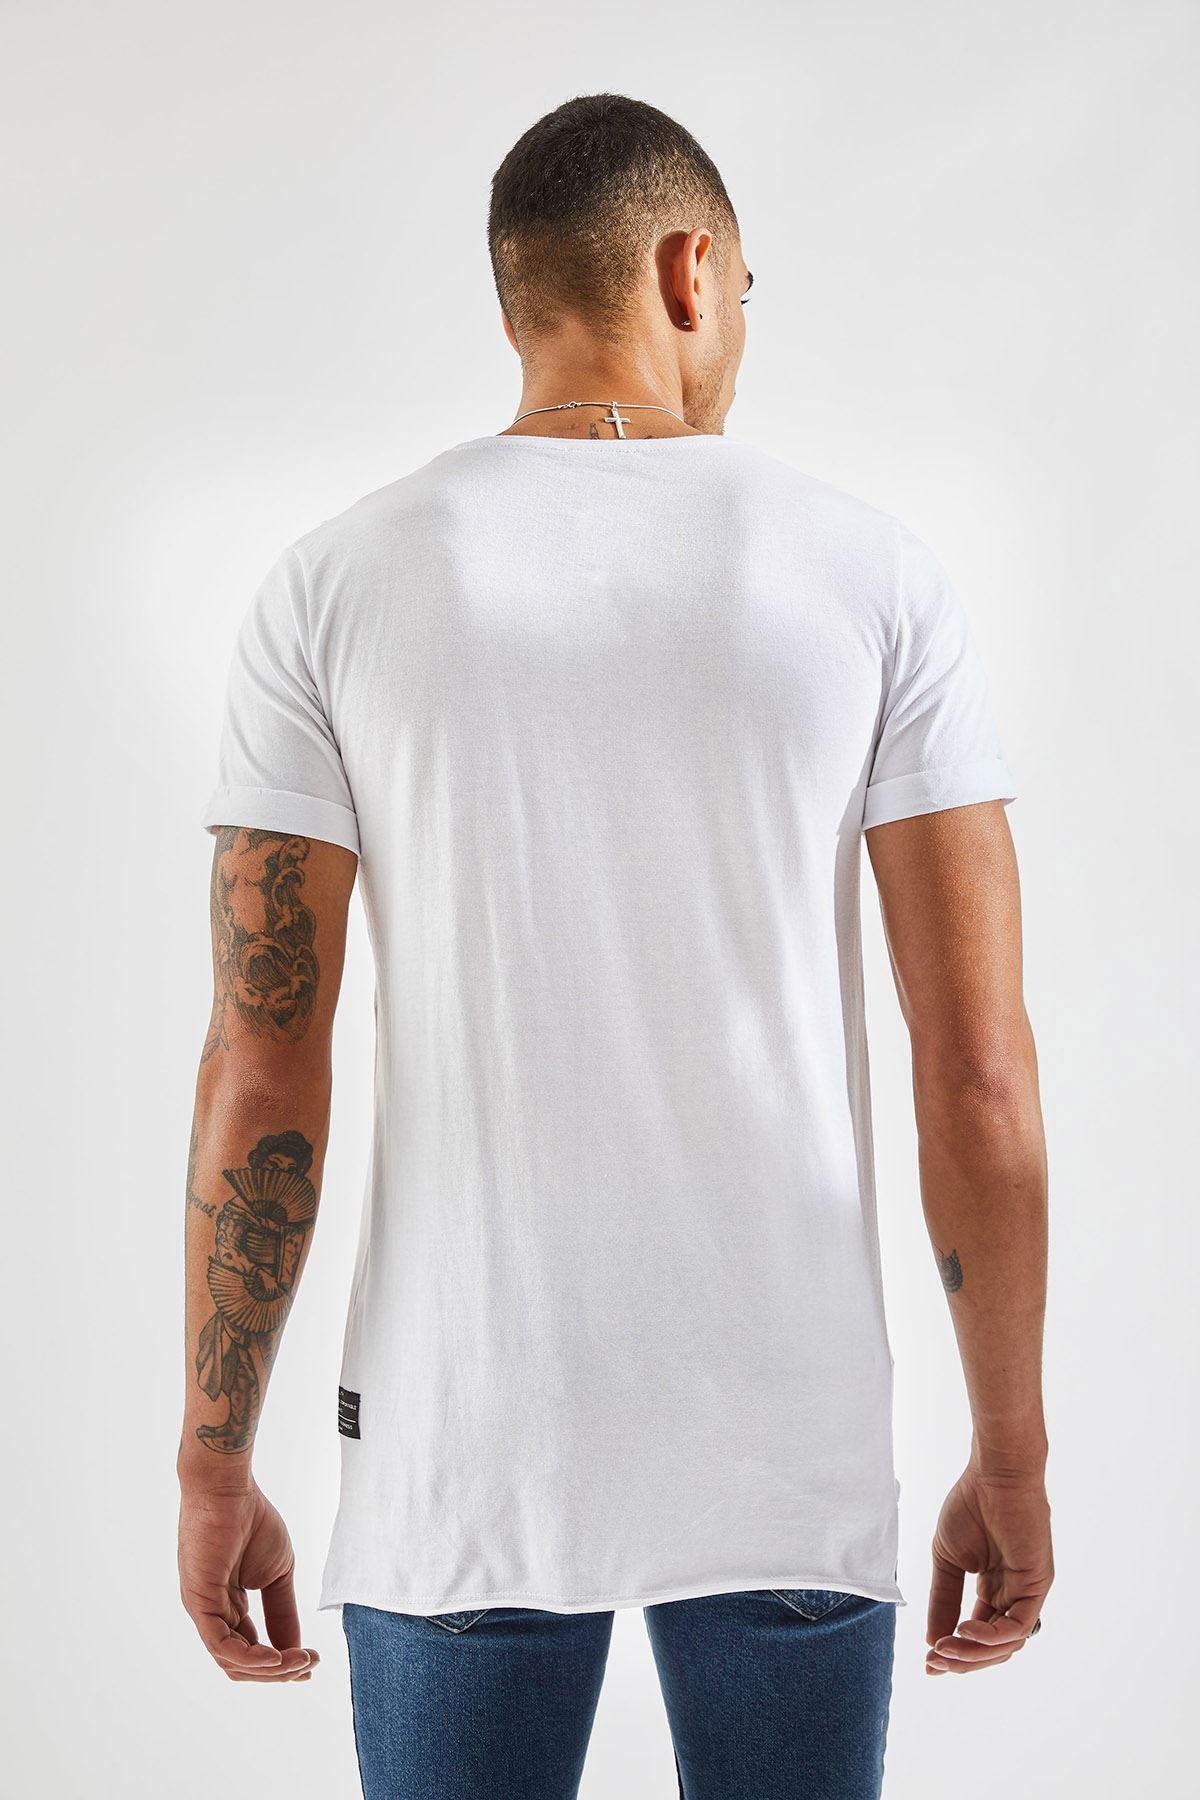 Erkek Cep Karyoka Beyaz Tişört